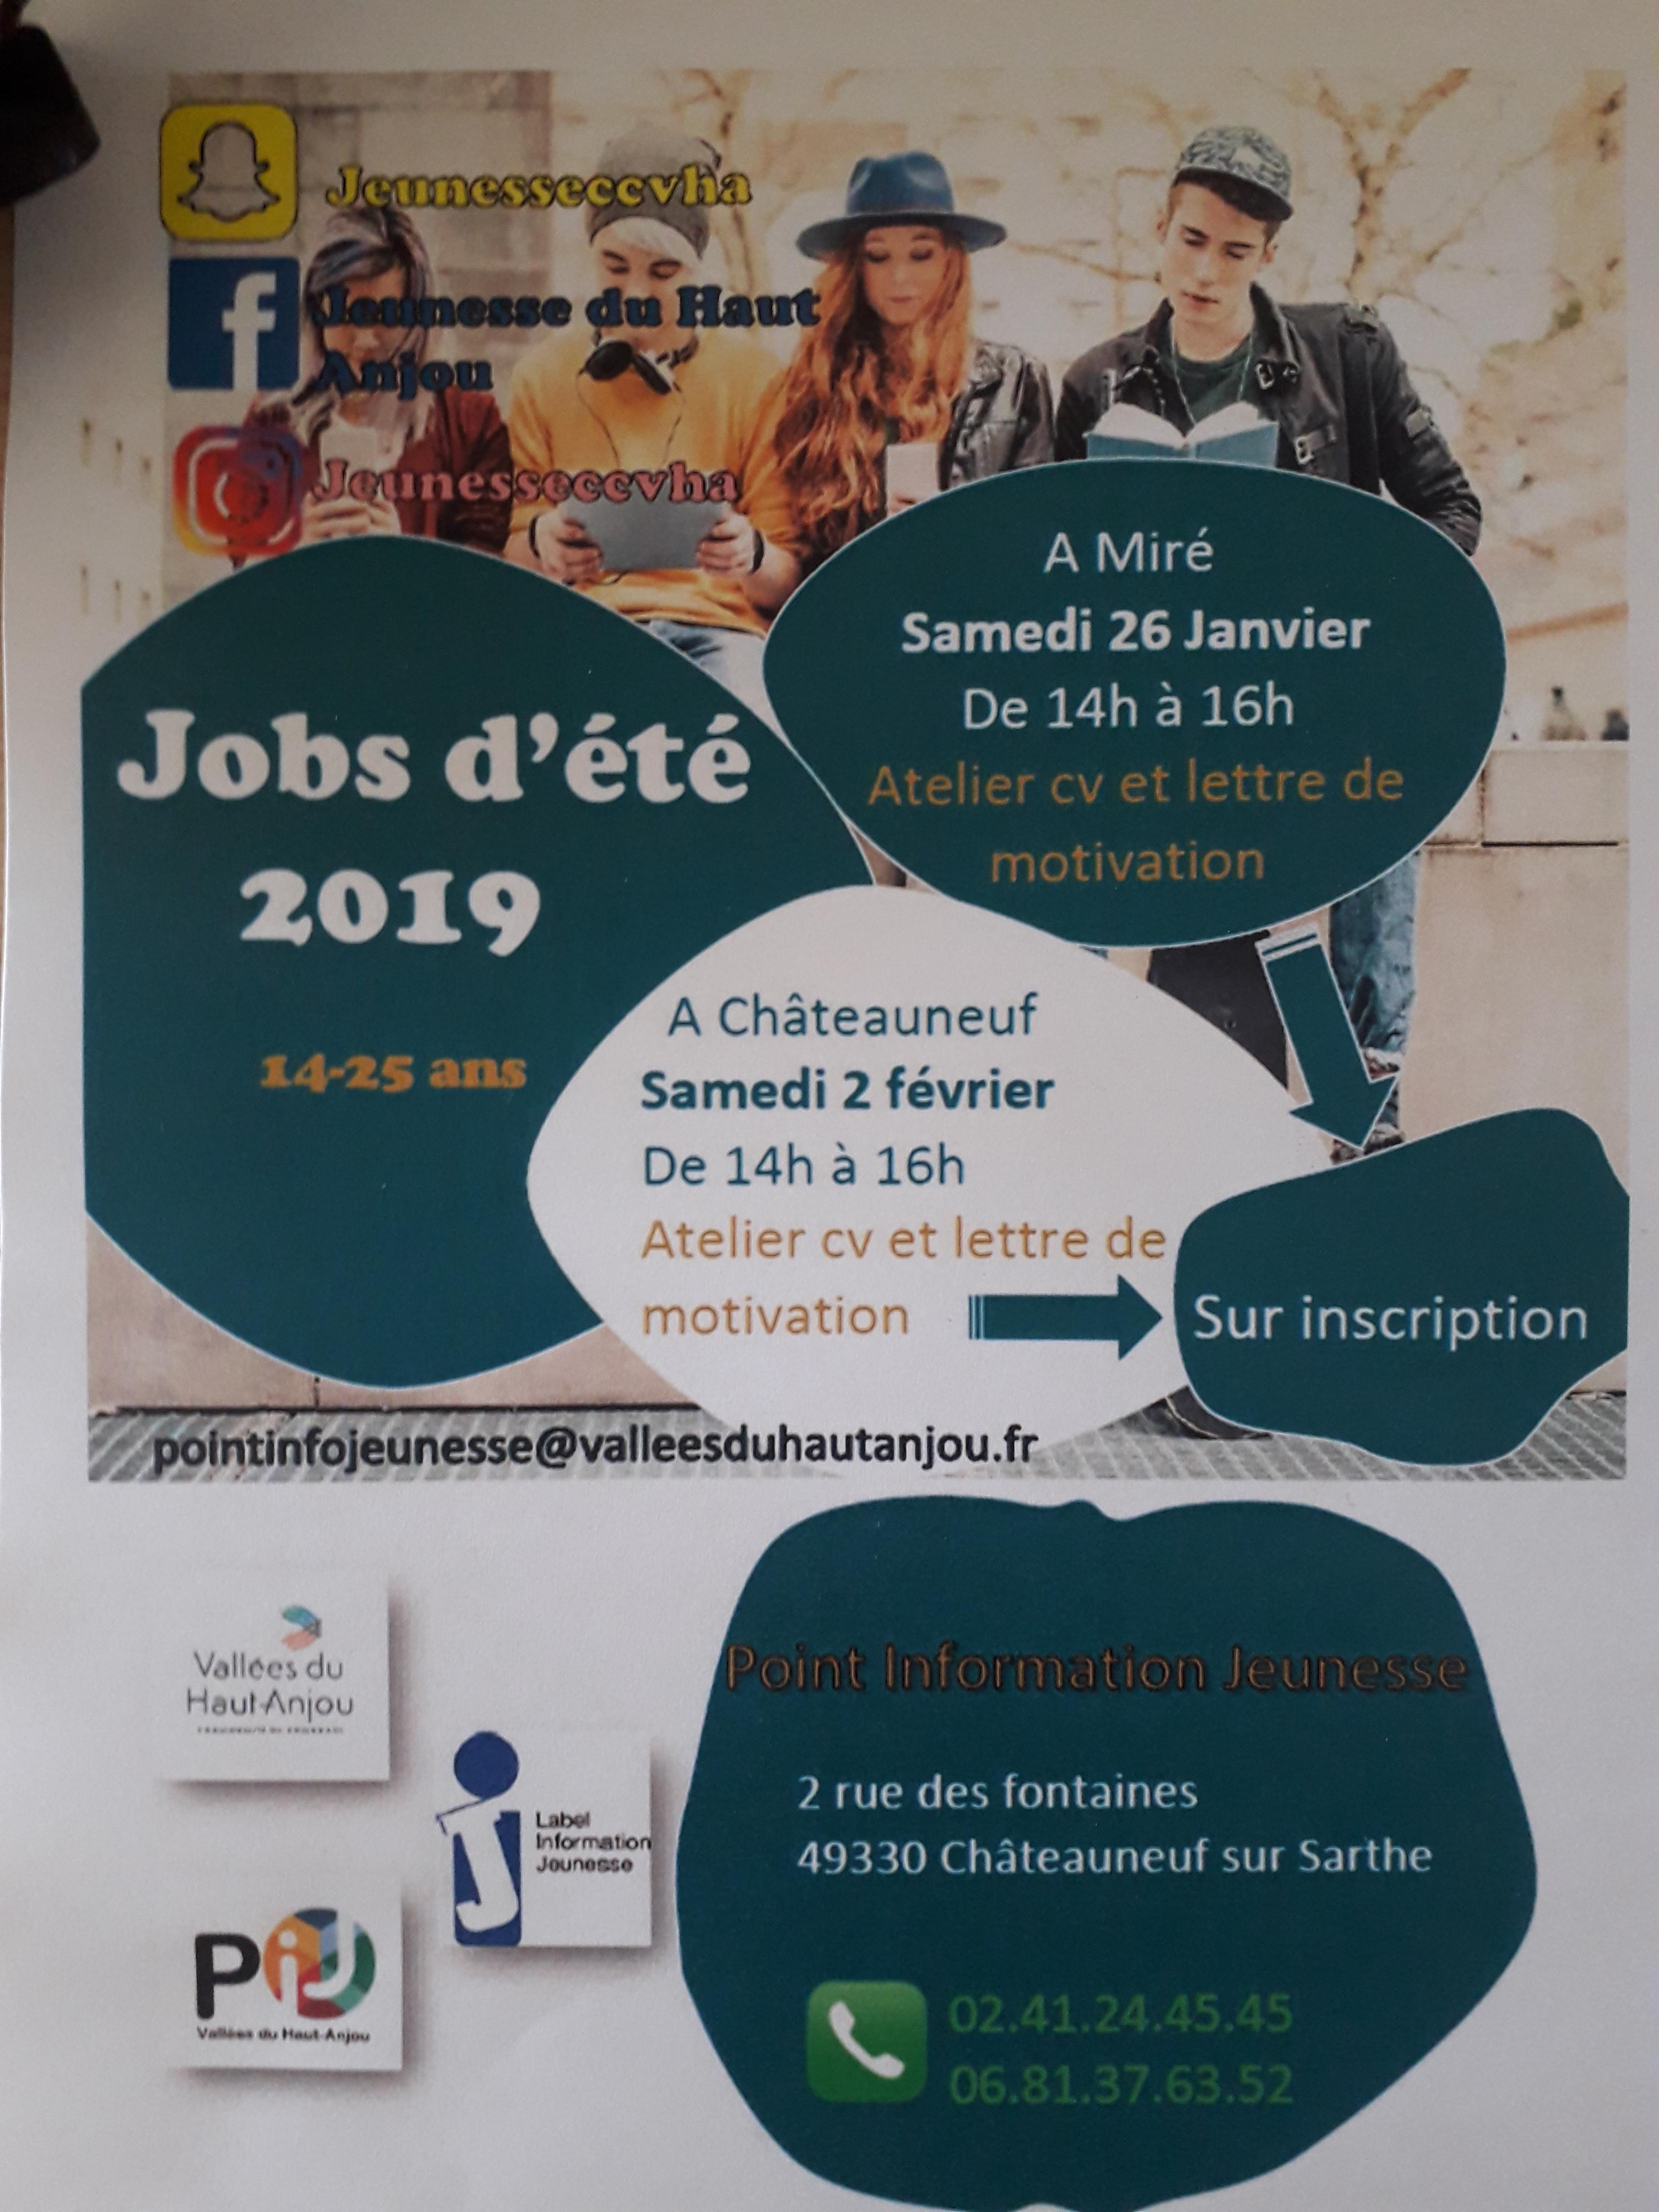 Ateliers Cv Et Lettre De Motivation A Mire Et Chateauneuf Sur